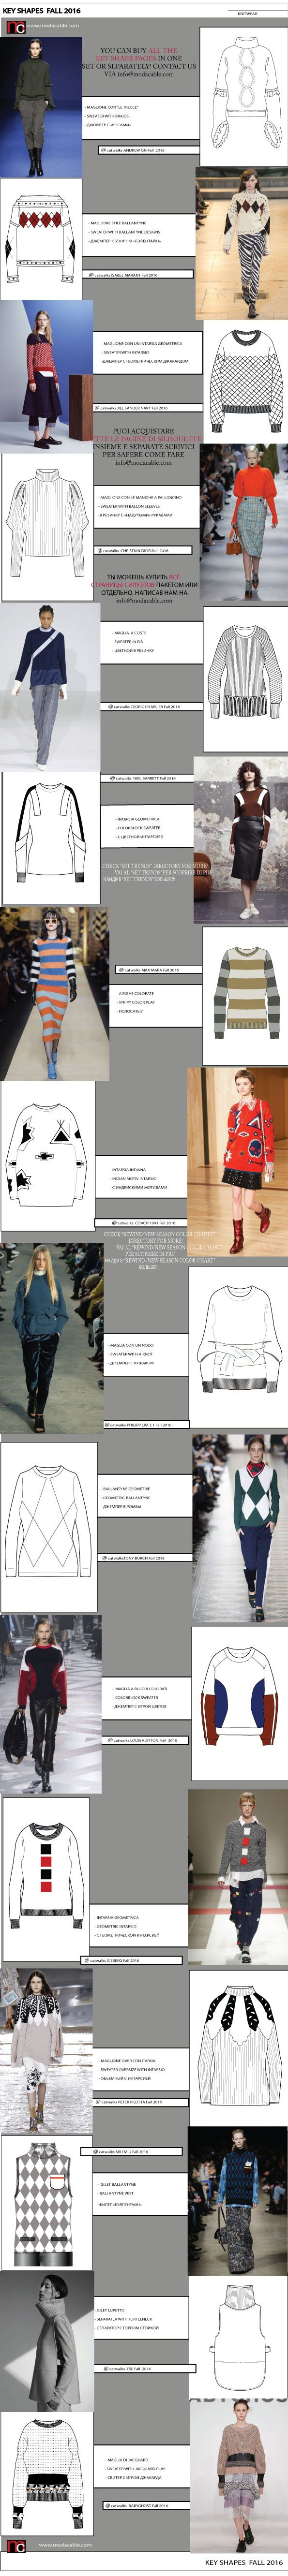 Tops fashion design sketches flat fashion sketch top 045 -  Drawingfashion Flatssketchto Fashion Snoops Tendenze Moda Silhouette Pi Iportanti Colori E Molto Altro Soltanto Da Www Modacable